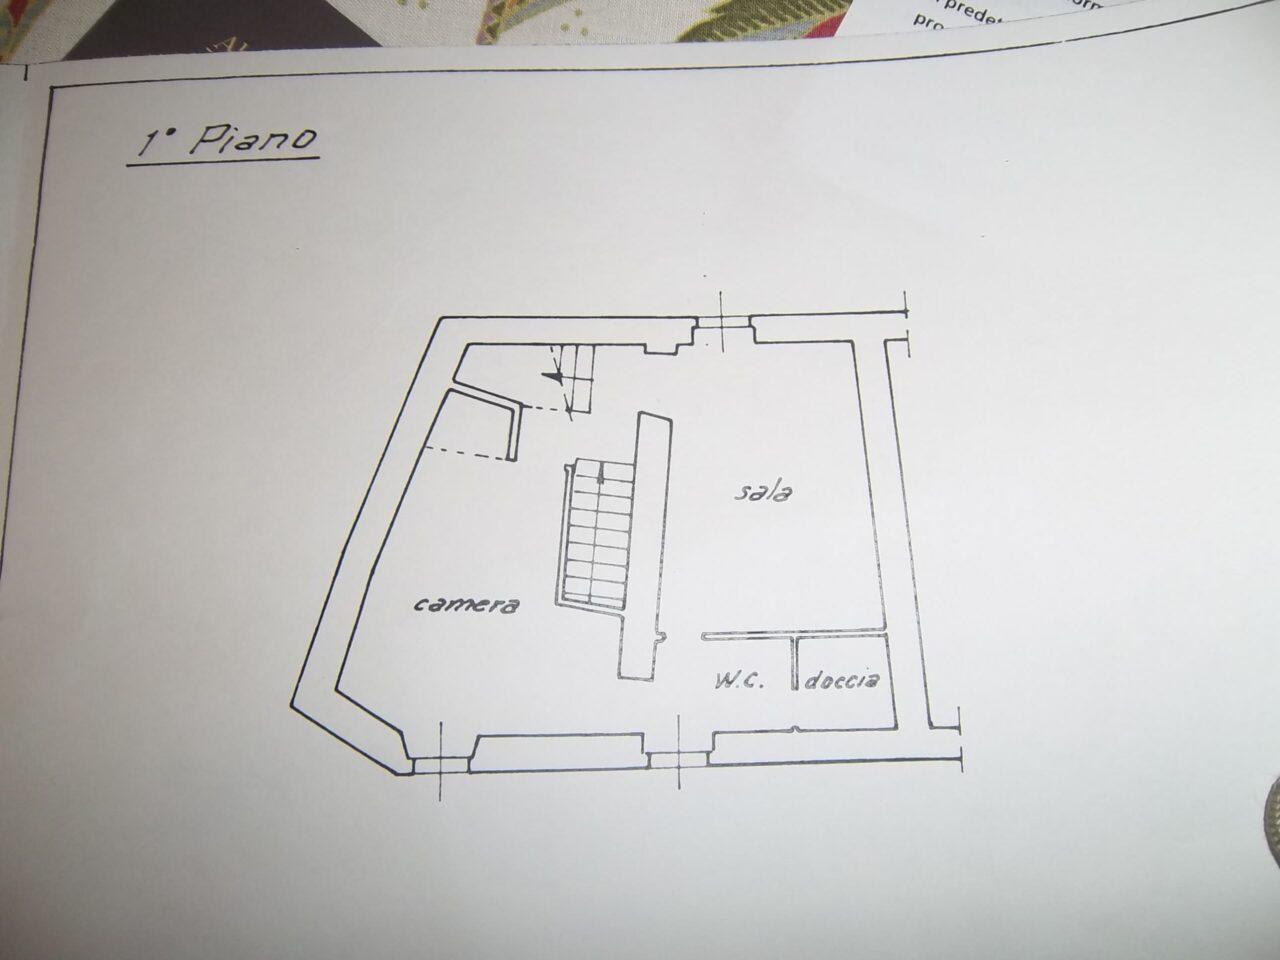 planimetria VRI 2273 BA 4